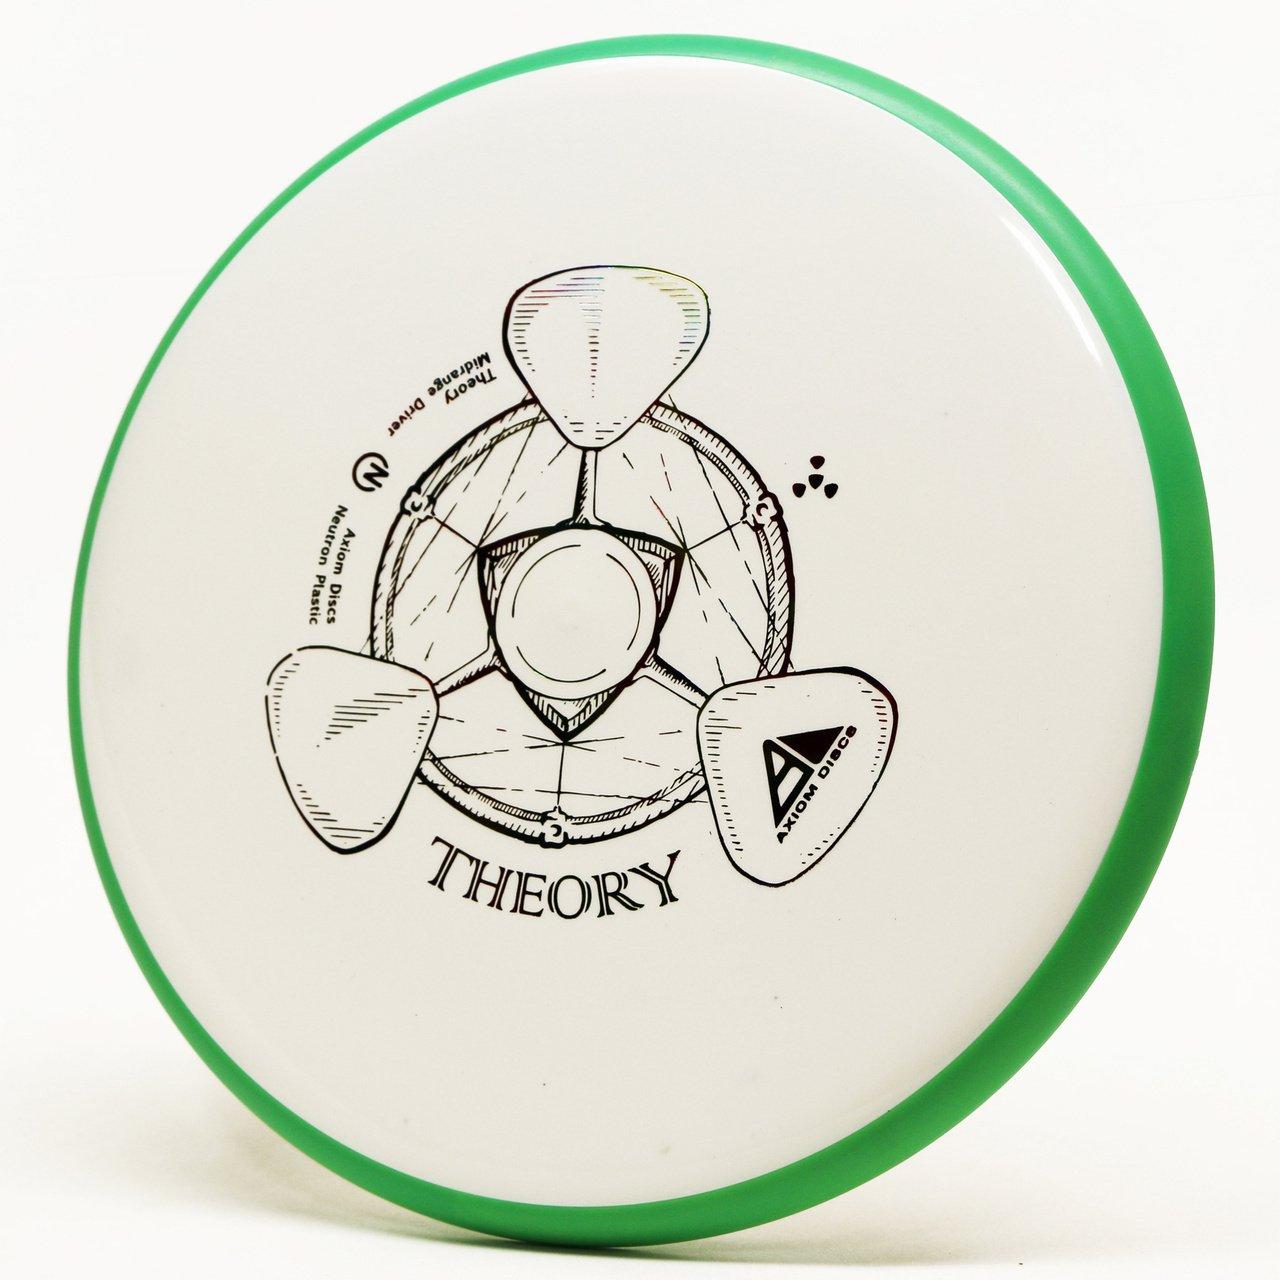 【大放出セール】 Axiom Discs 175-180 Neutron理論(アソートカラー) 175-180 grams grams Discs B00OPH1GRK, あいる:2ed85d6d --- irlandskayaliteratura.org